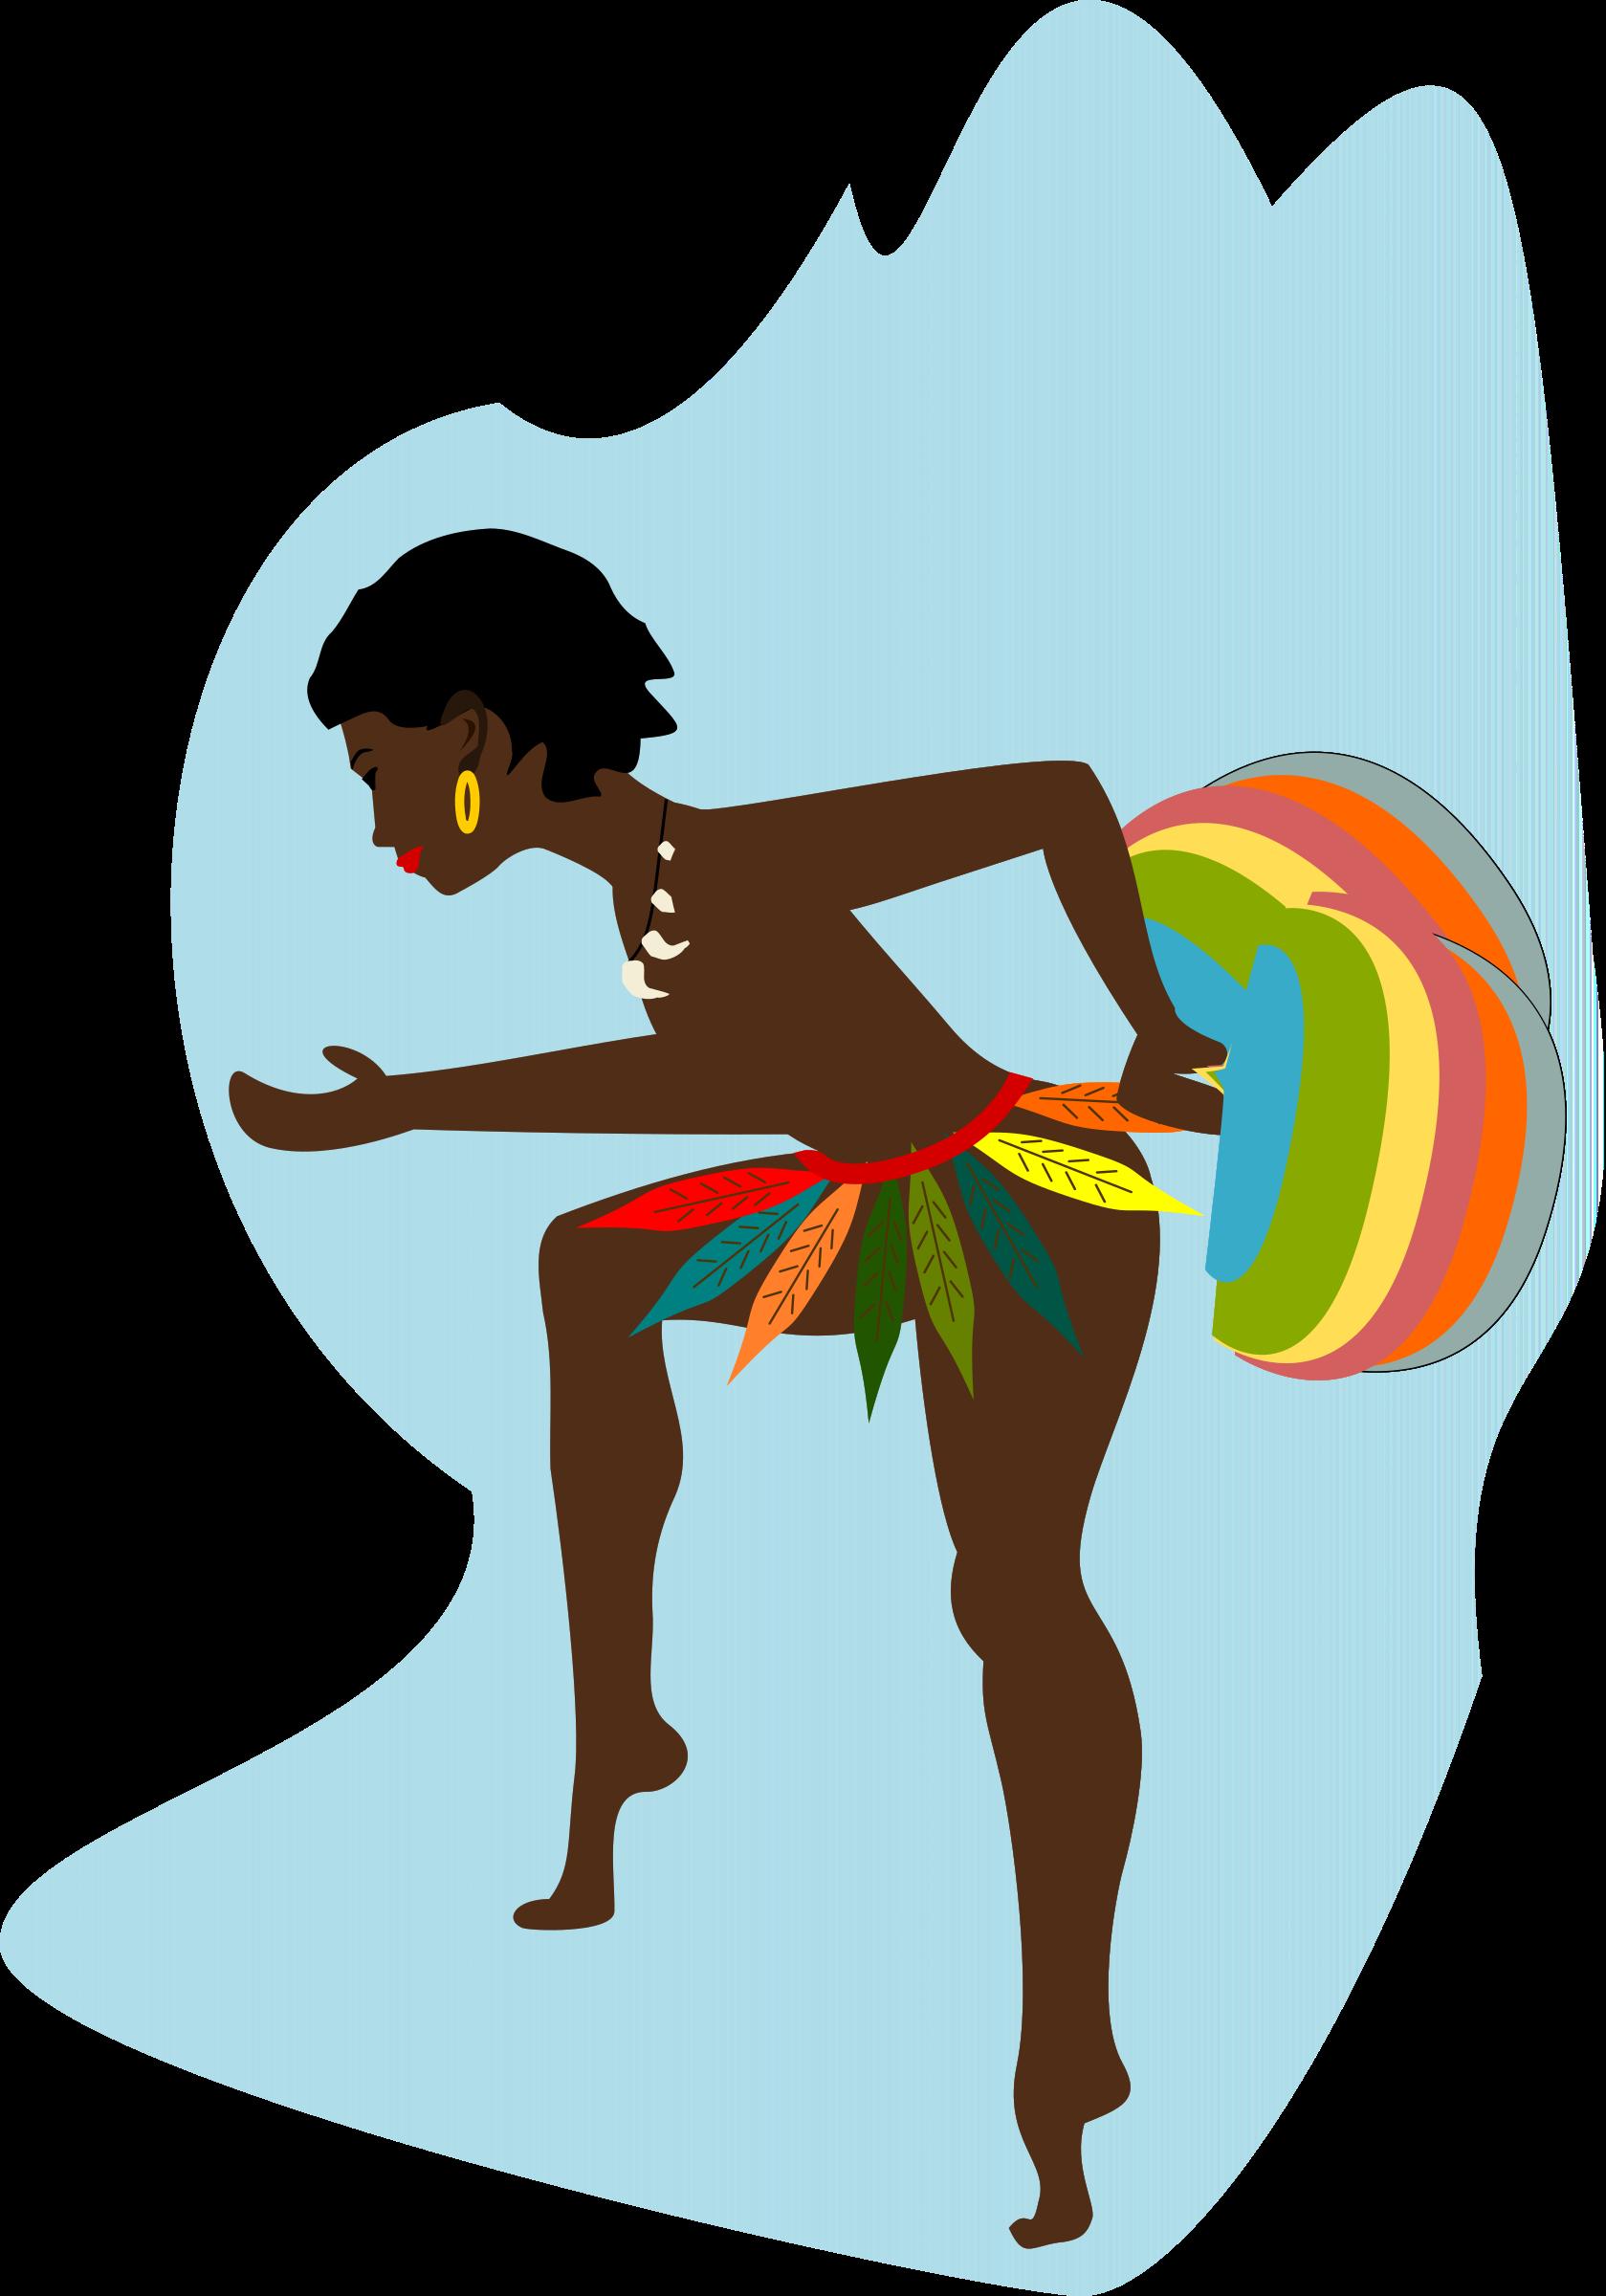 Dance clipart vector. African dancer big image